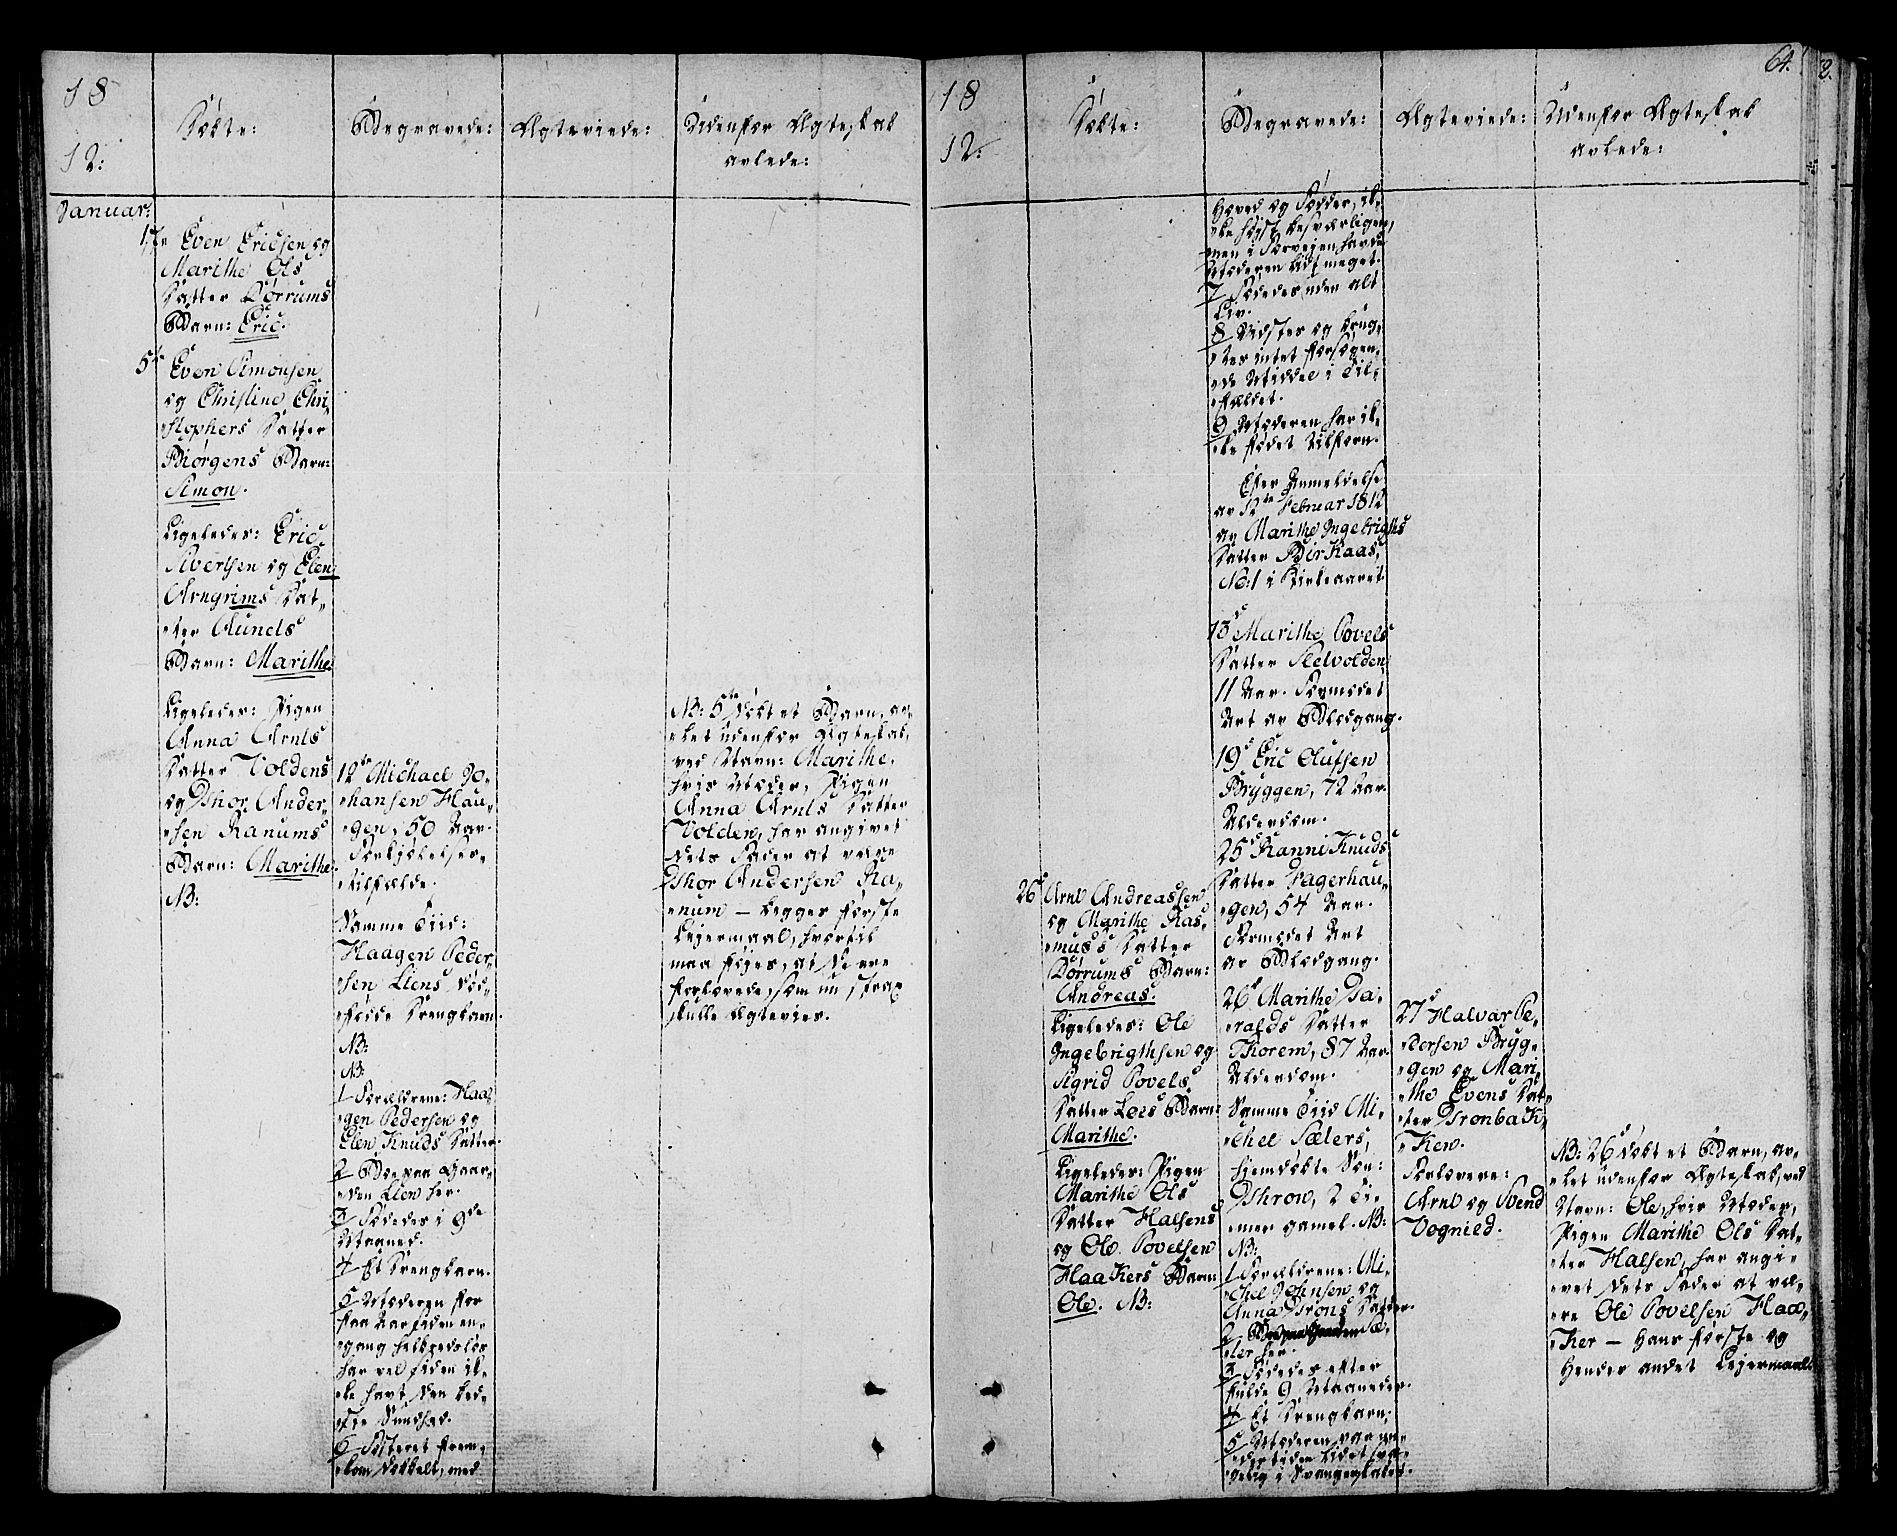 SAT, Ministerialprotokoller, klokkerbøker og fødselsregistre - Sør-Trøndelag, 678/L0894: Ministerialbok nr. 678A04, 1806-1815, s. 64